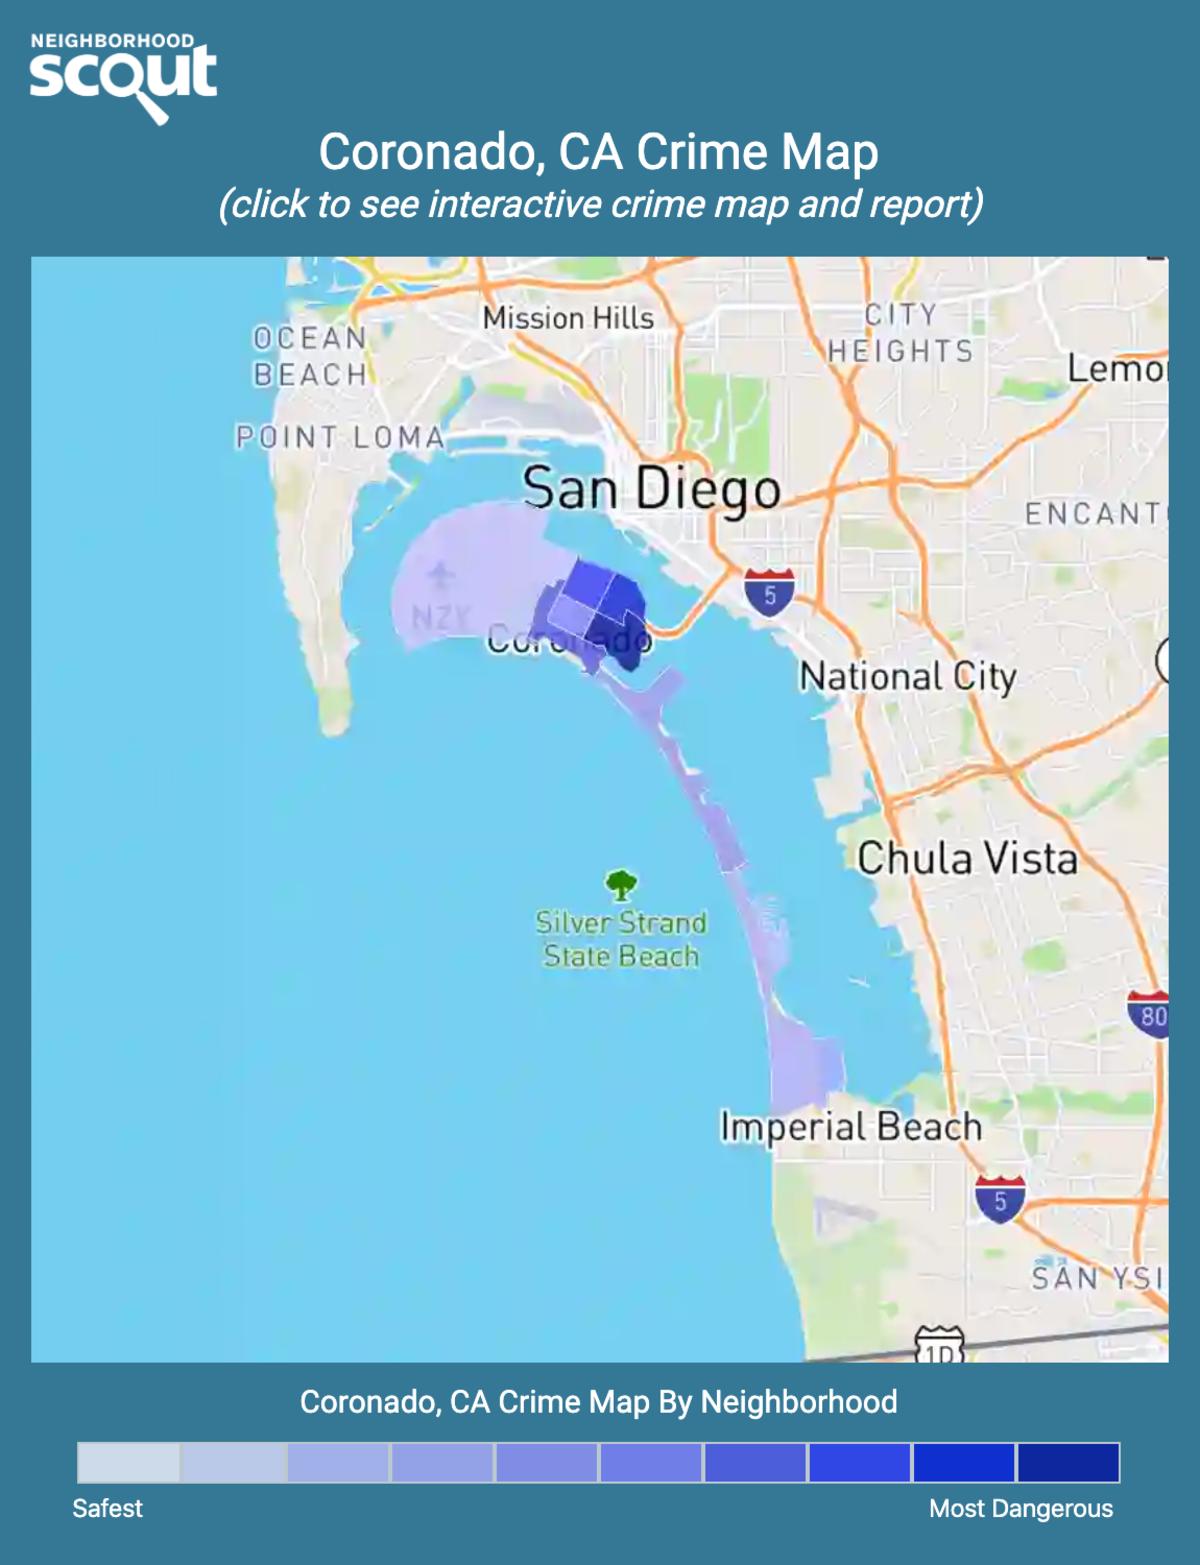 Coronado, California crime map